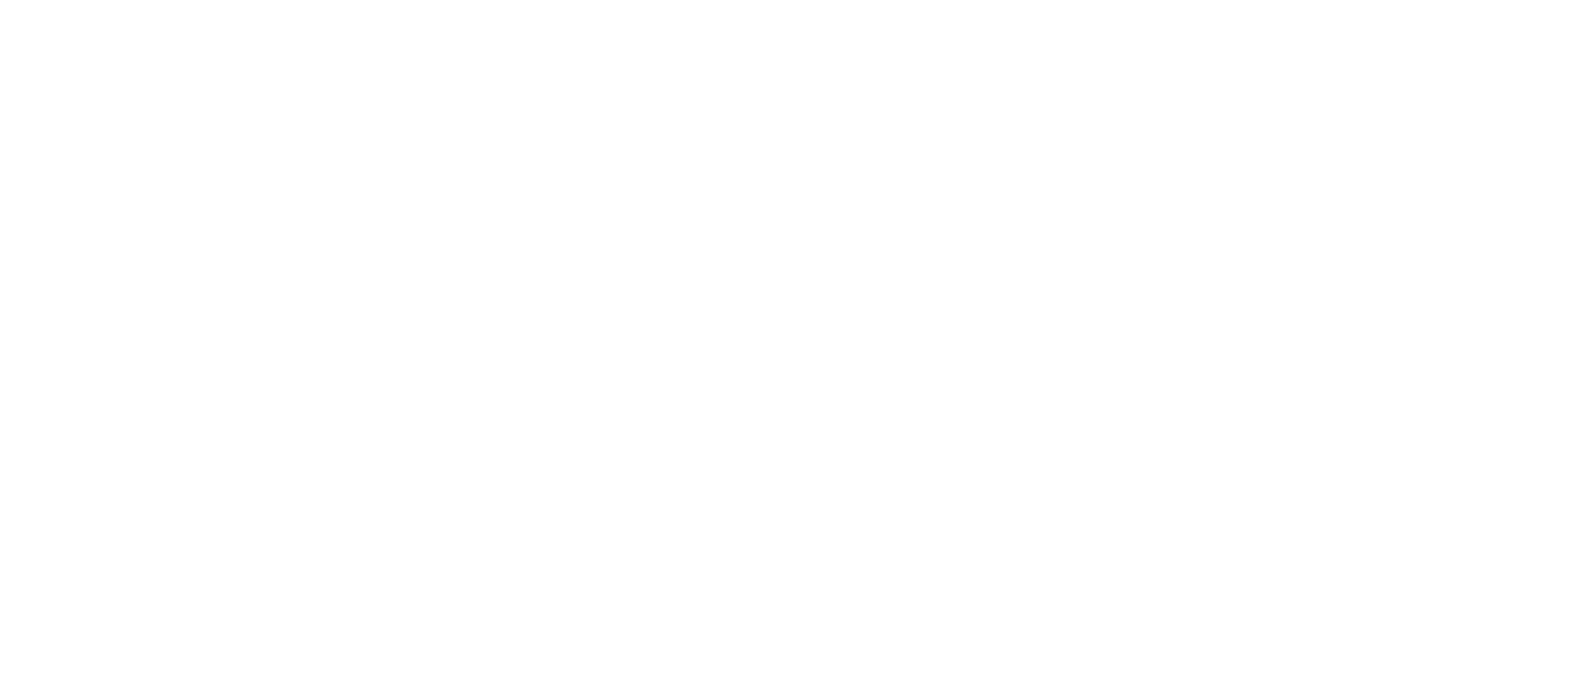 www.JAM1PHOTO.com